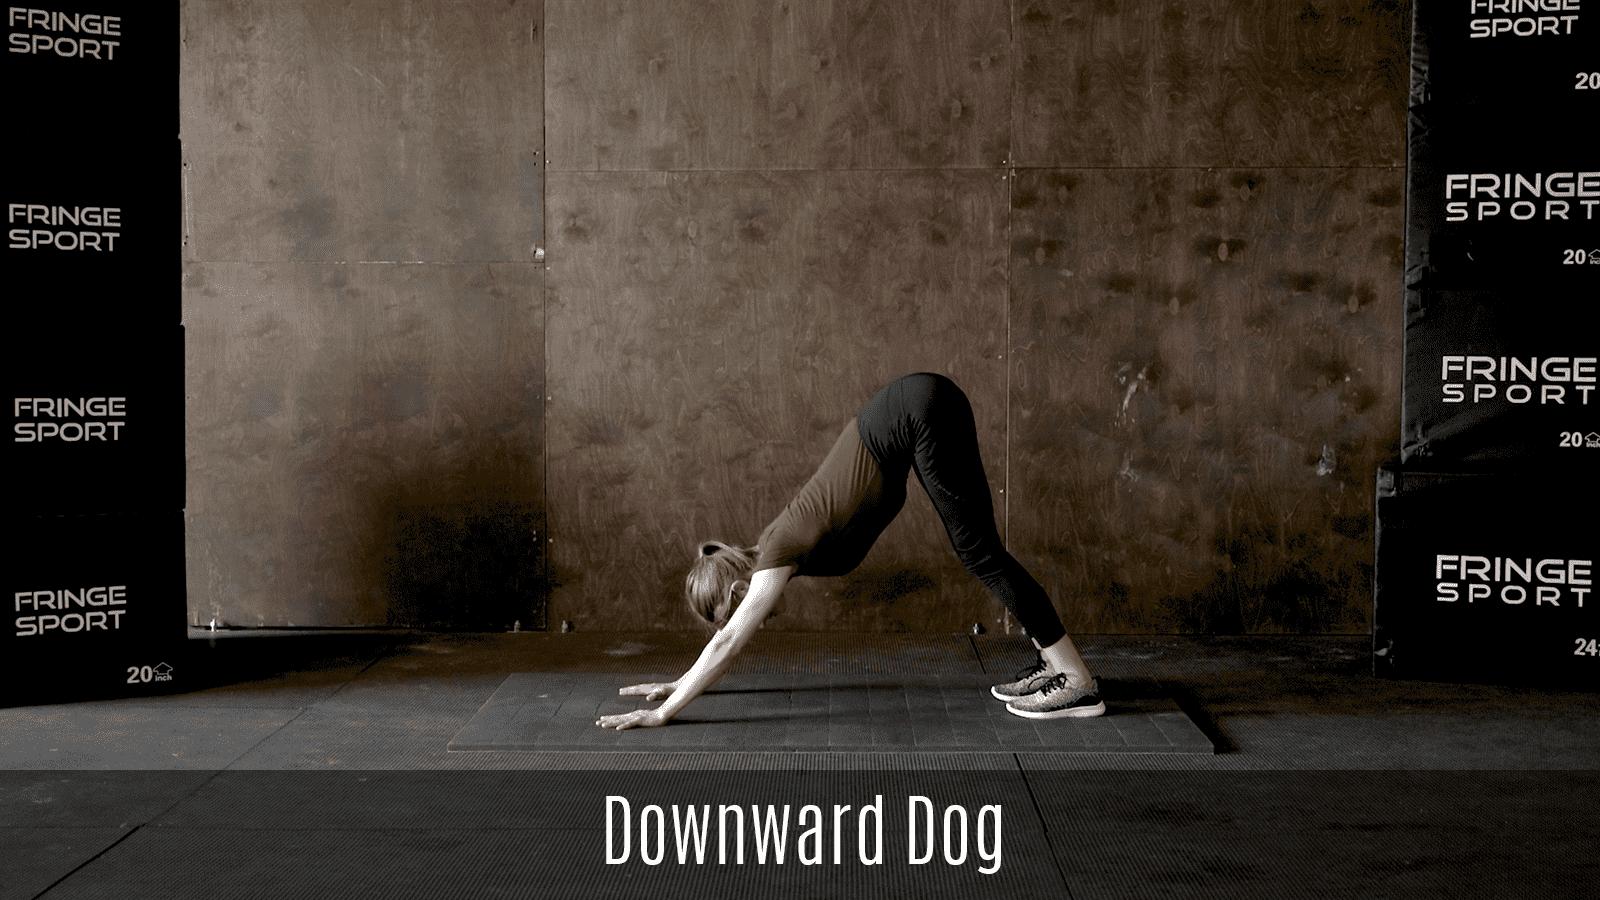 downward dog demo